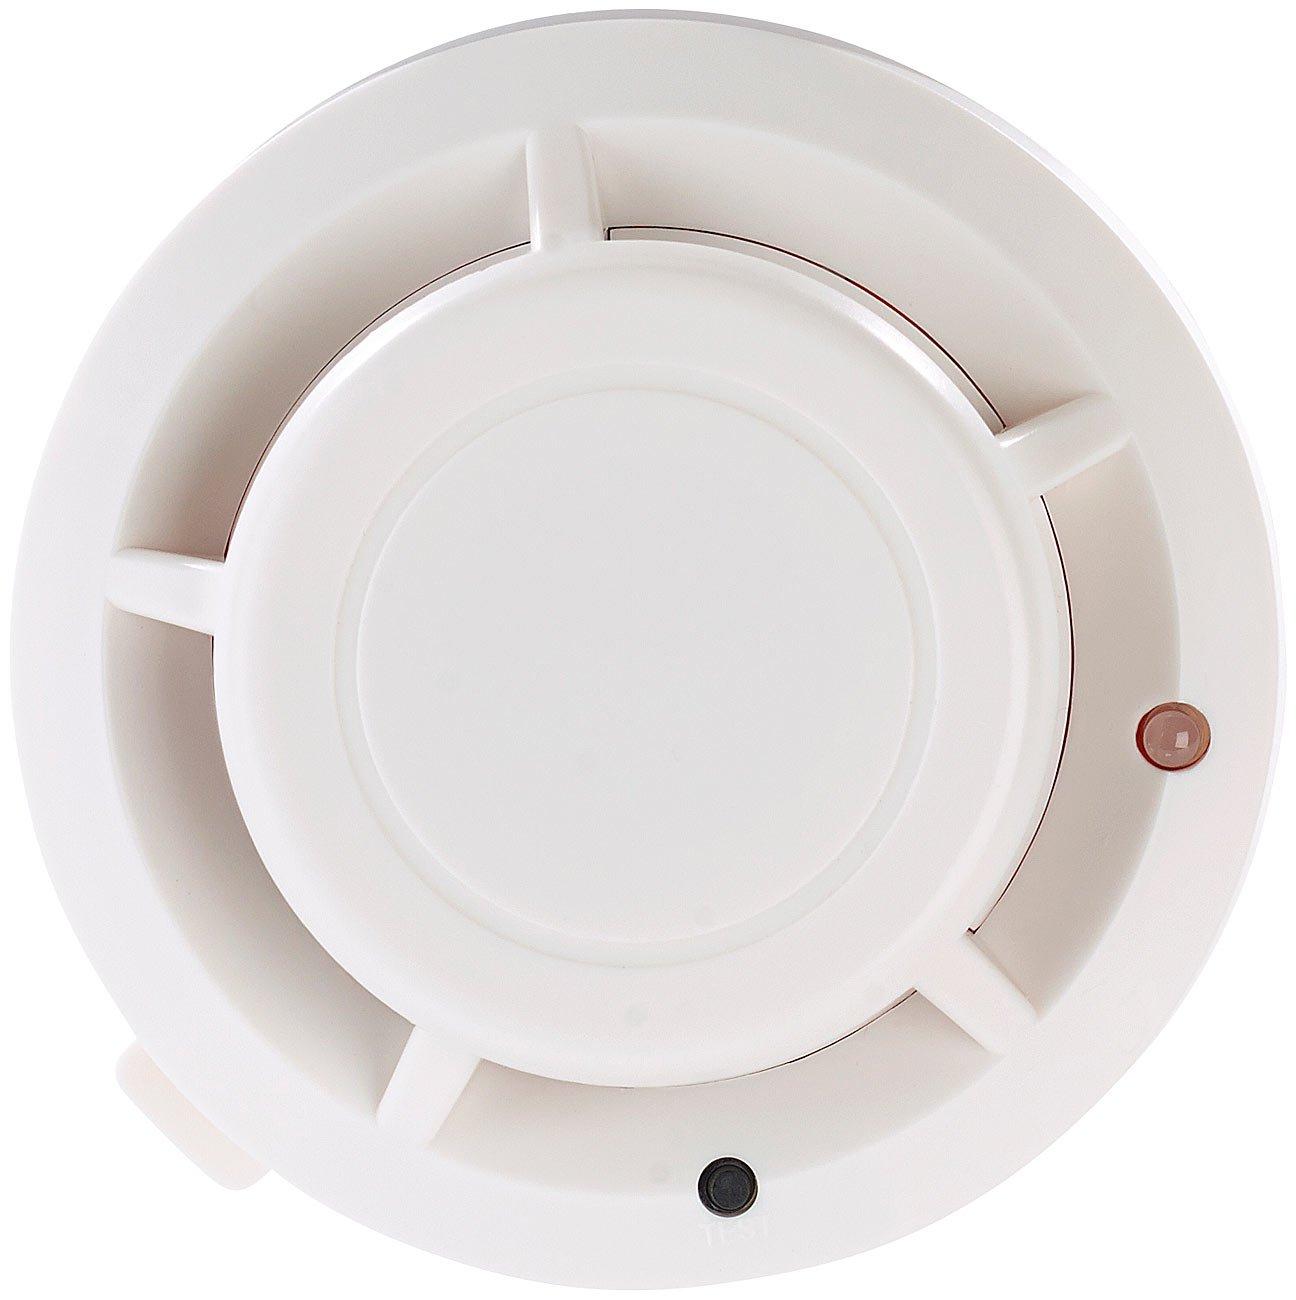 VisorTech - Radio de detectores de humo para xmd 4400. Pro: Amazon.es: Bricolaje y herramientas